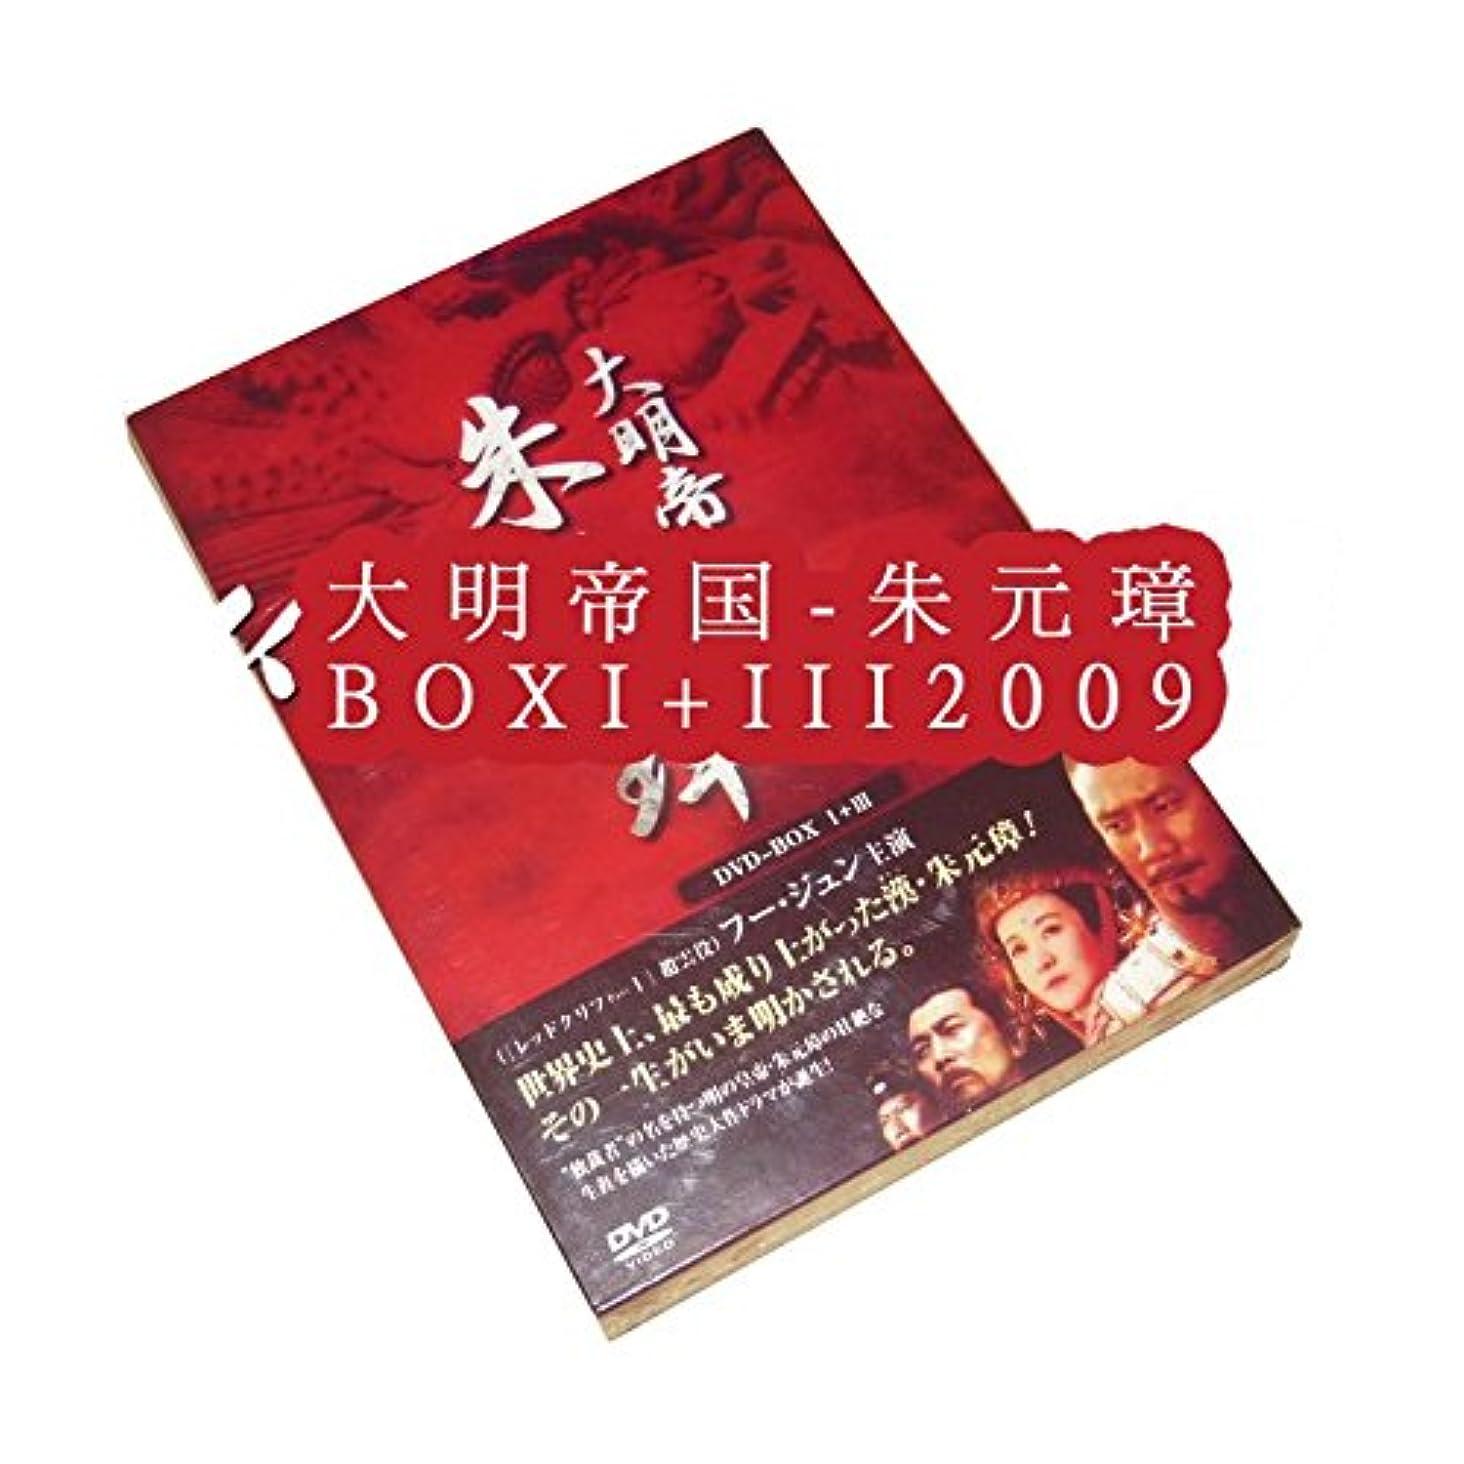 冷蔵庫ポルノ発行大明帝国- 朱元璋 BOXI+III 2009